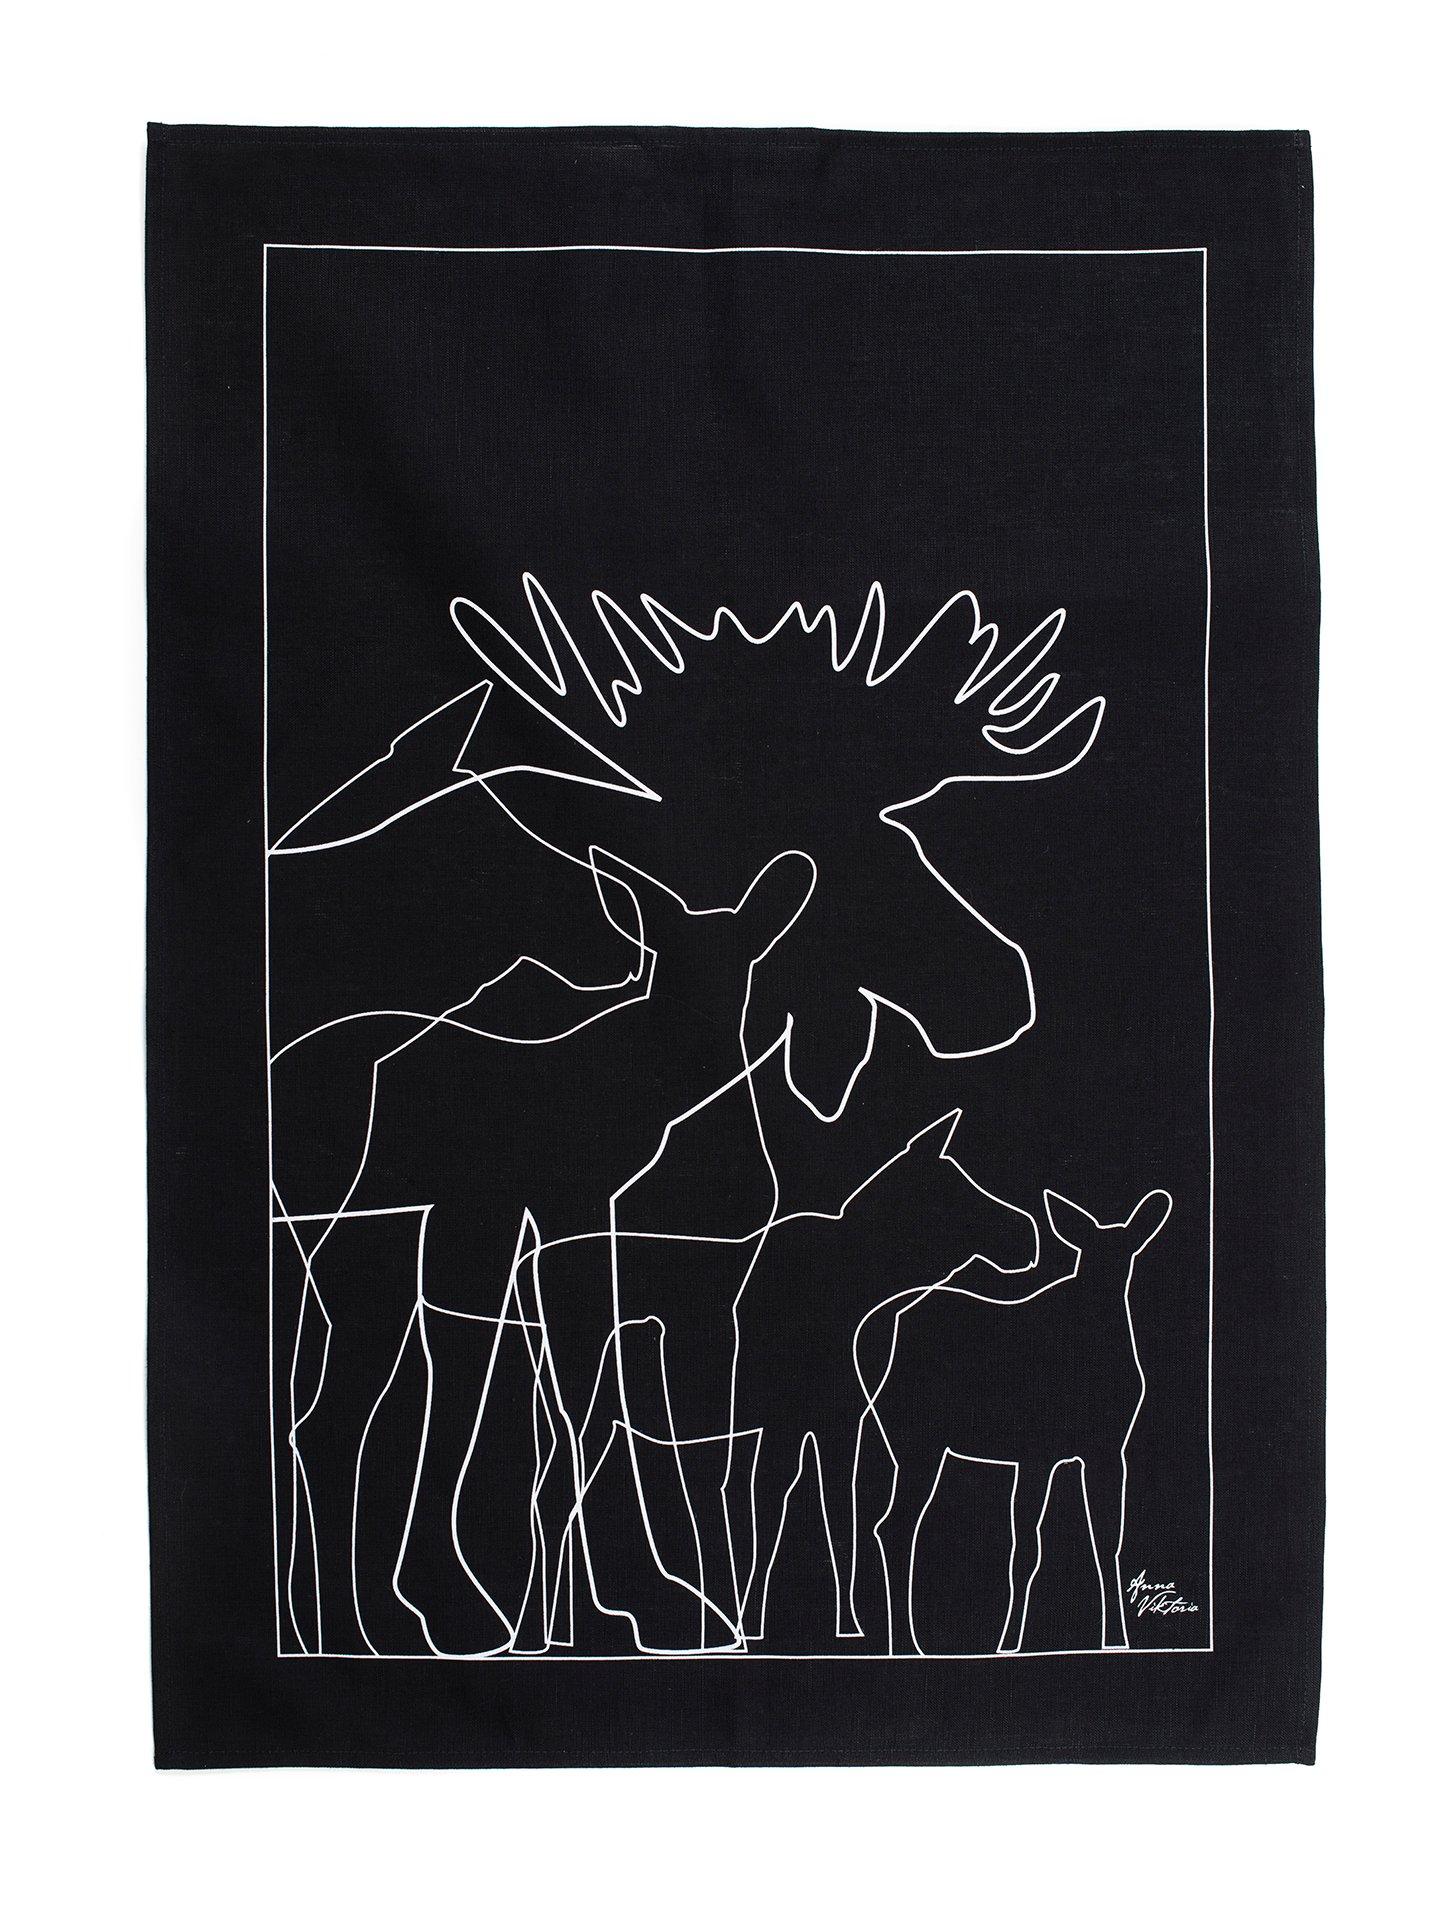 62822 KITCHEN TOWEL MOOSE BLACK/ KÖKSHANDDUK ÄLG SVART